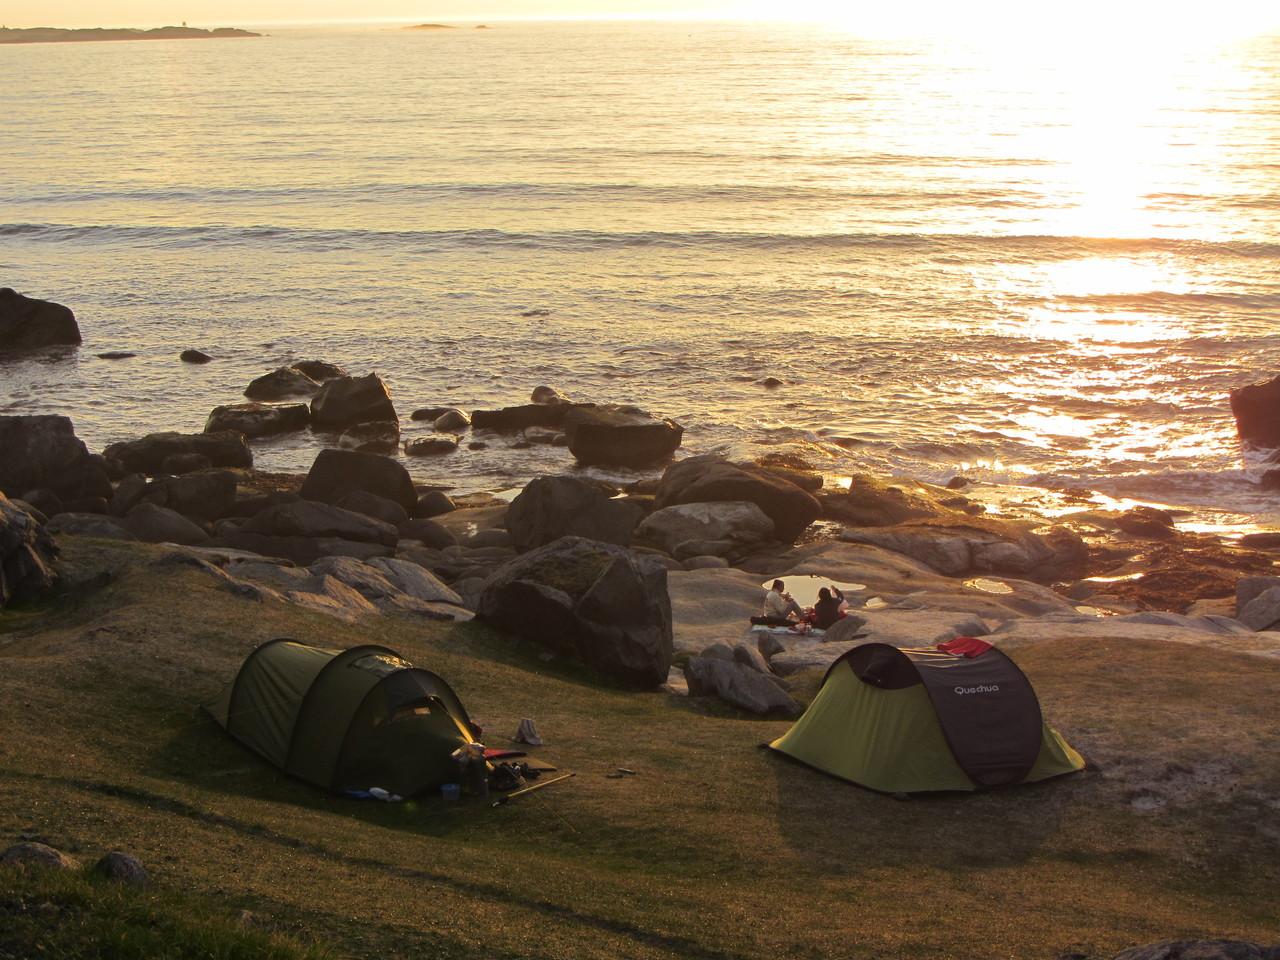 unter uns mehrere Zelte am Strand